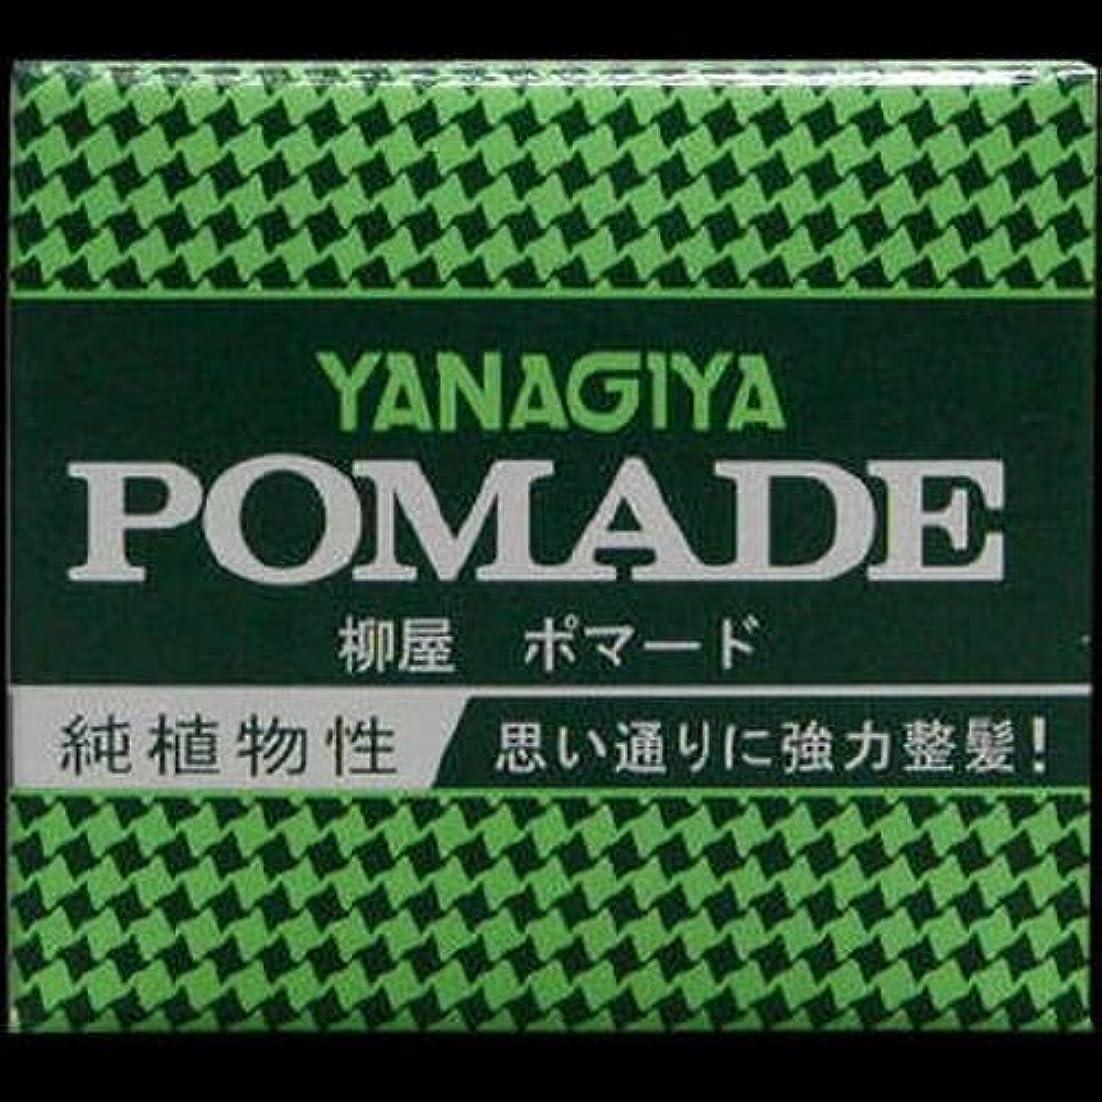 指定する柔らかいサイレン【まとめ買い】柳屋 ポマード小 63g ×2セット